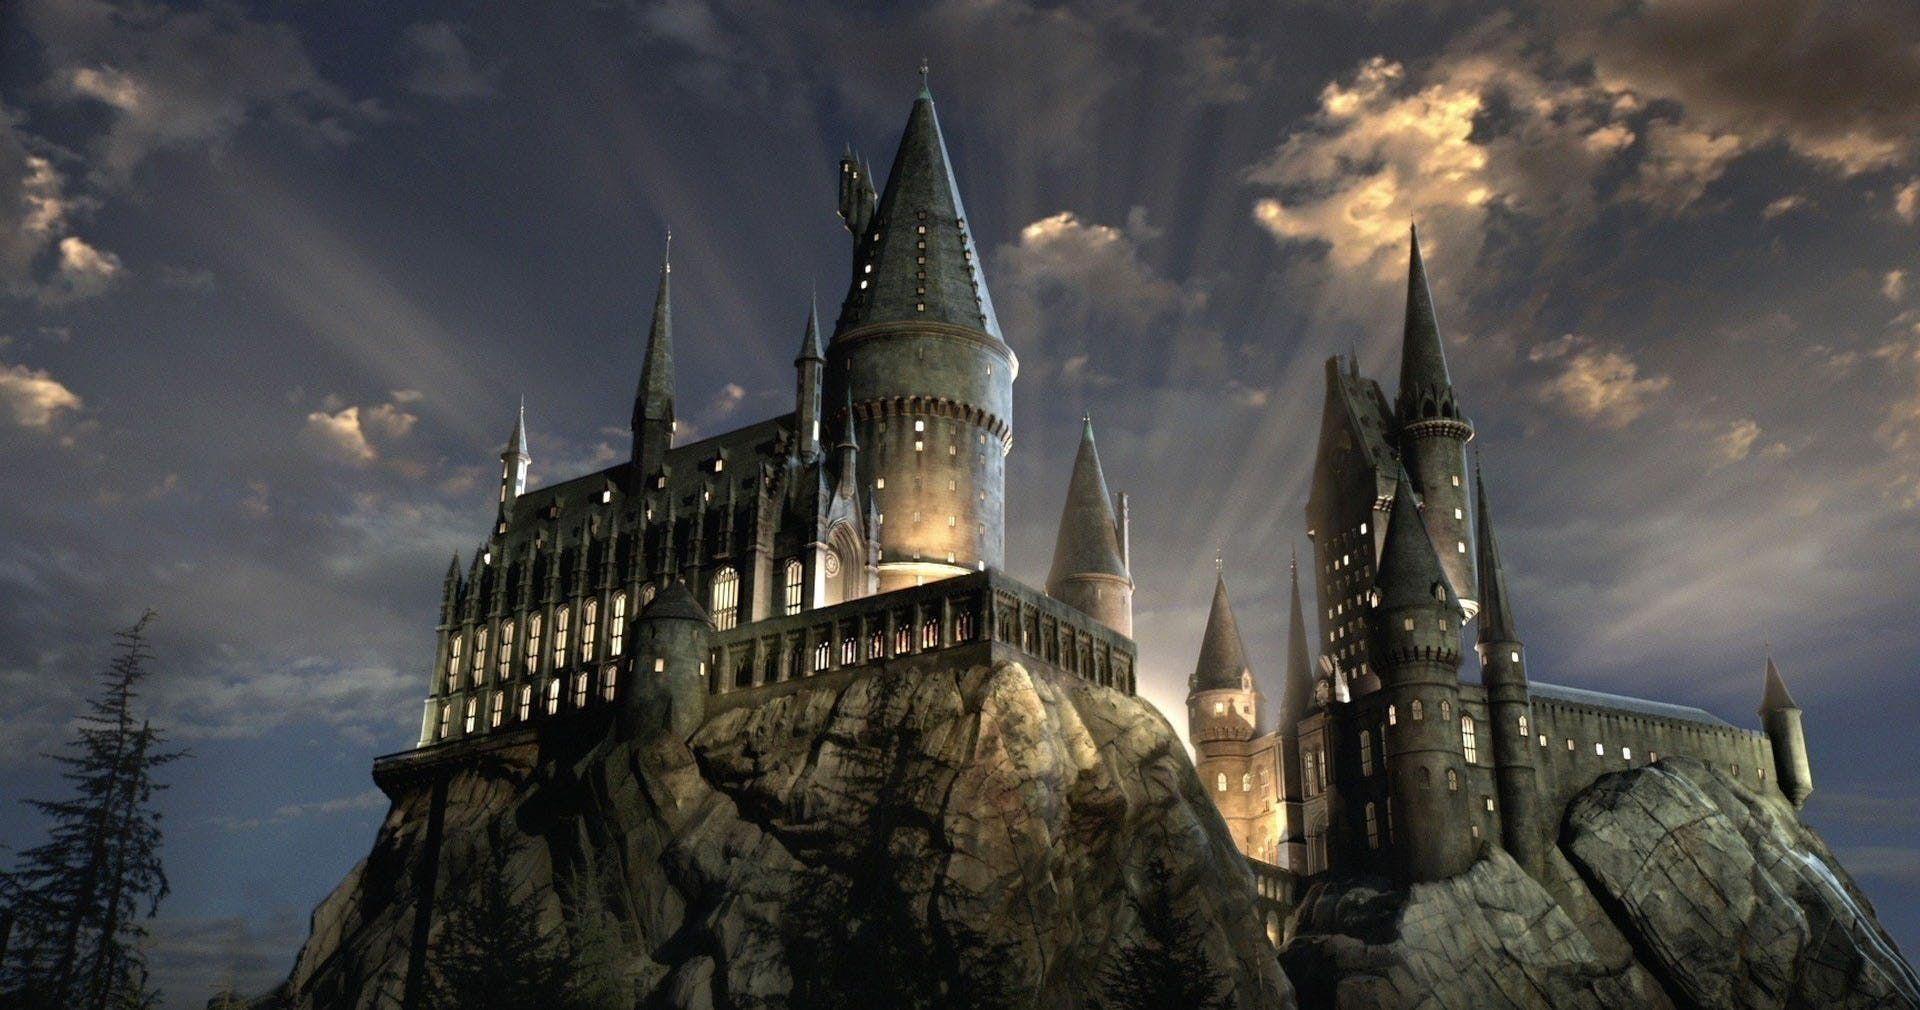 Harry Potter Zoom Background Pericror